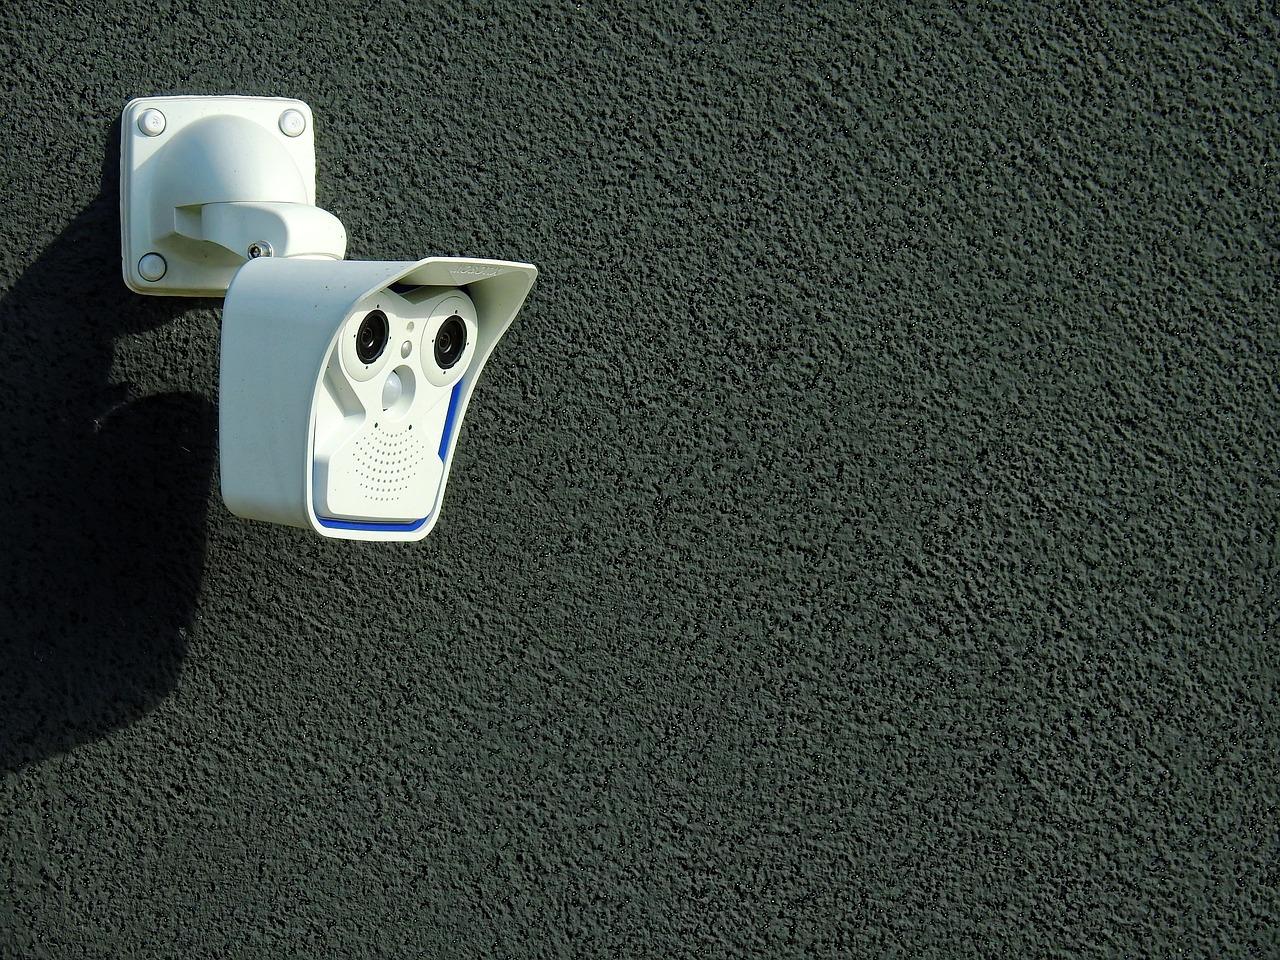 le mode de fonctionnement d'une caméra de surveillance IP